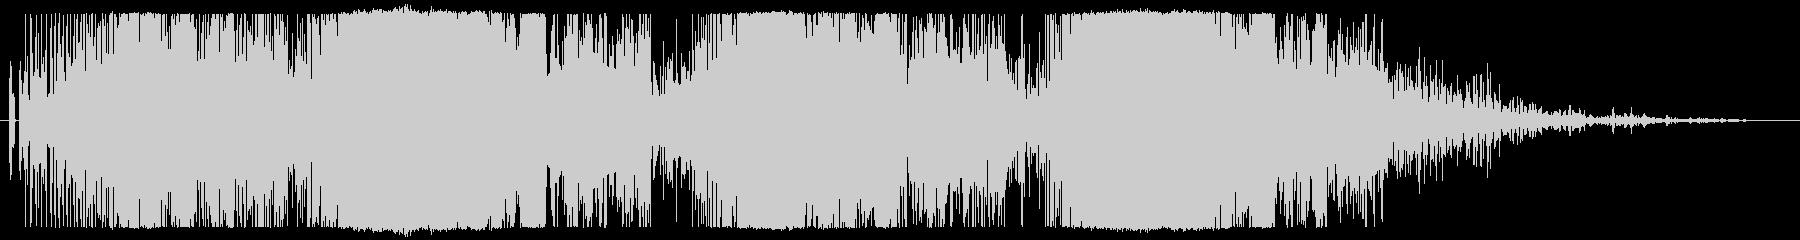 オートバイ/バイクド迫力のアクセル音3!の未再生の波形